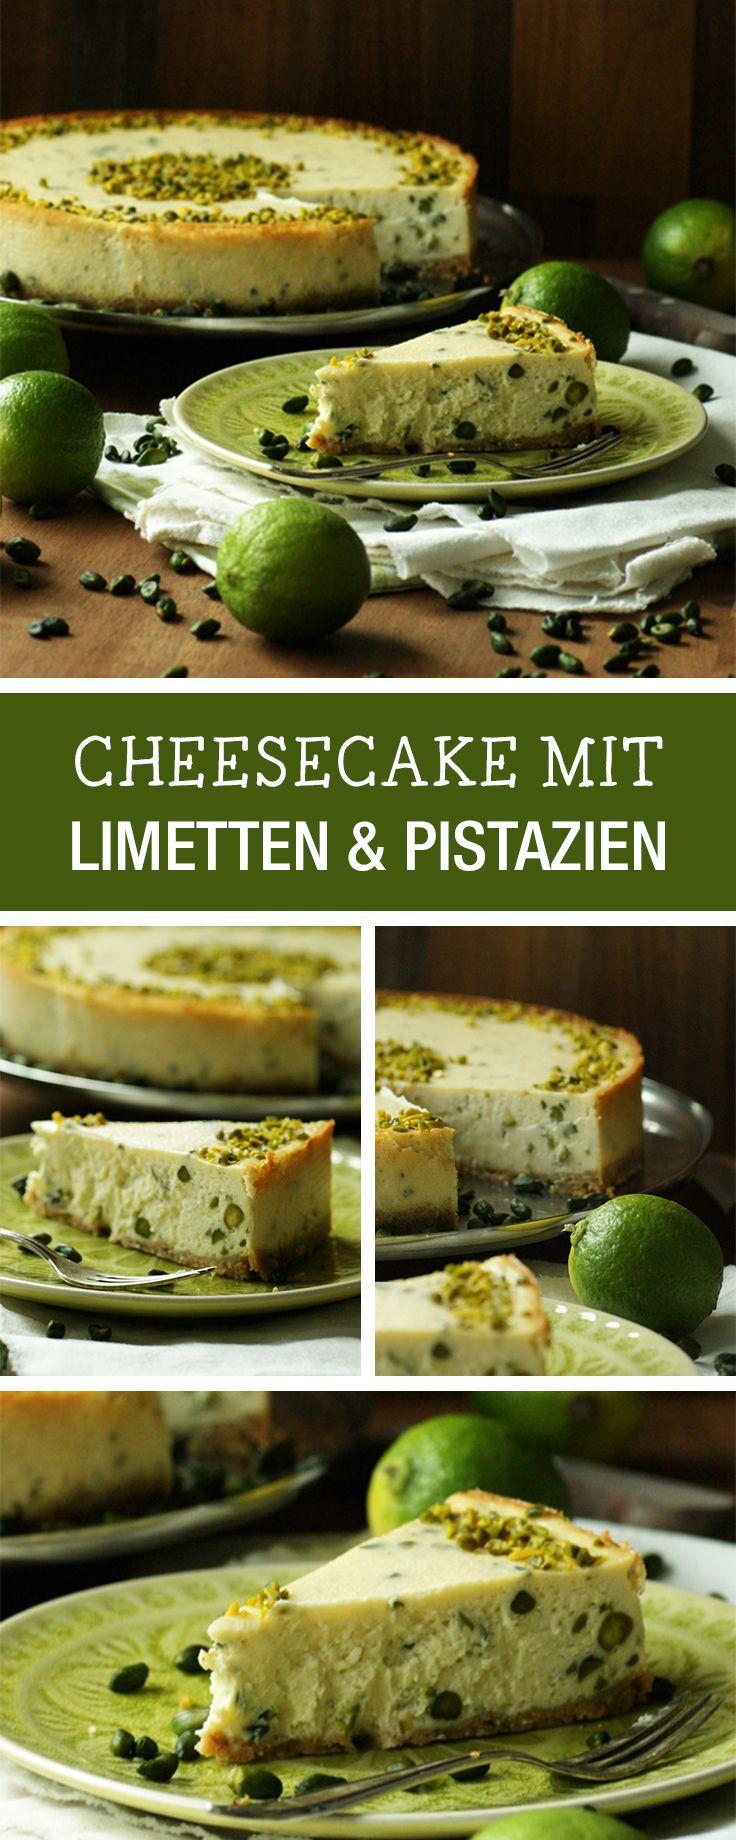 cheesecake mit limetten rezepte suchen. Black Bedroom Furniture Sets. Home Design Ideas